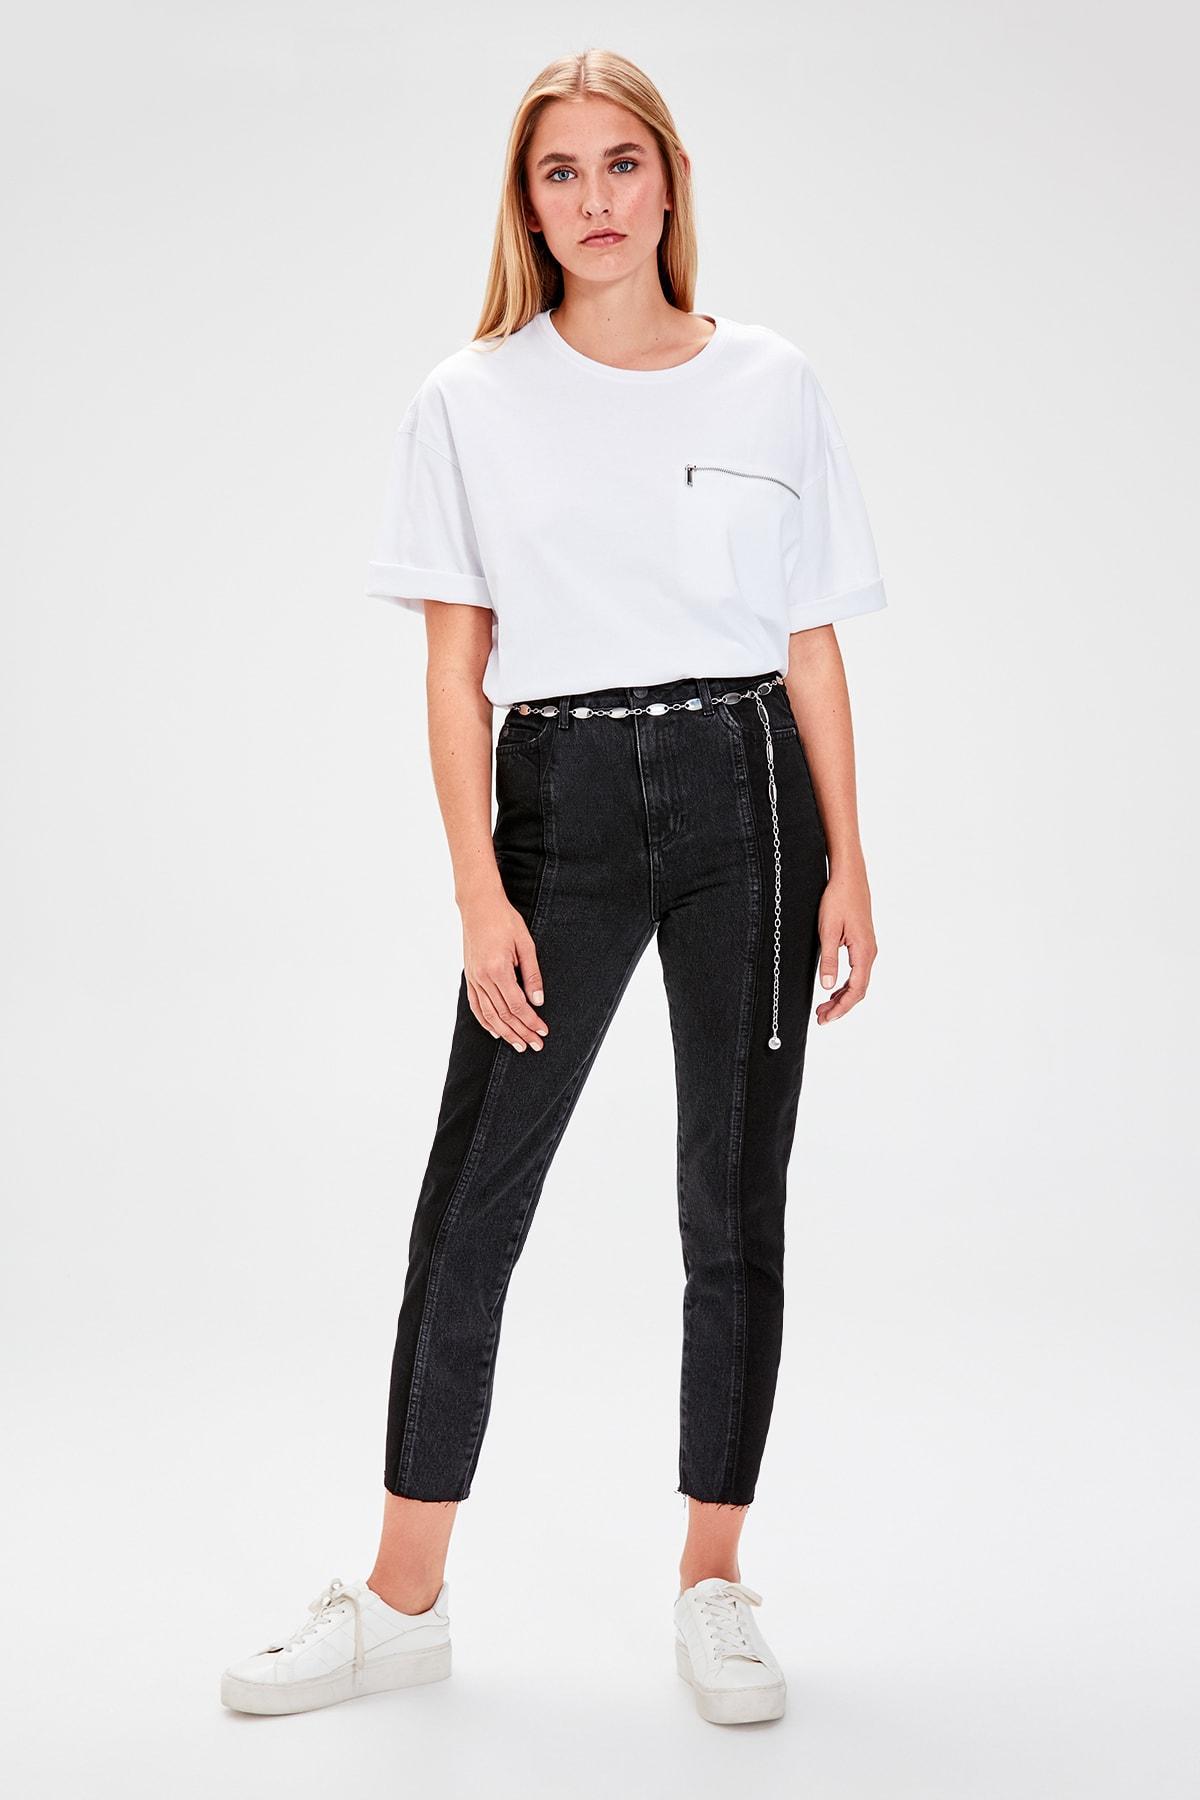 Trendyol Black Block Wash Detailed High Bel Mom Jeans TWOAW20JE0109